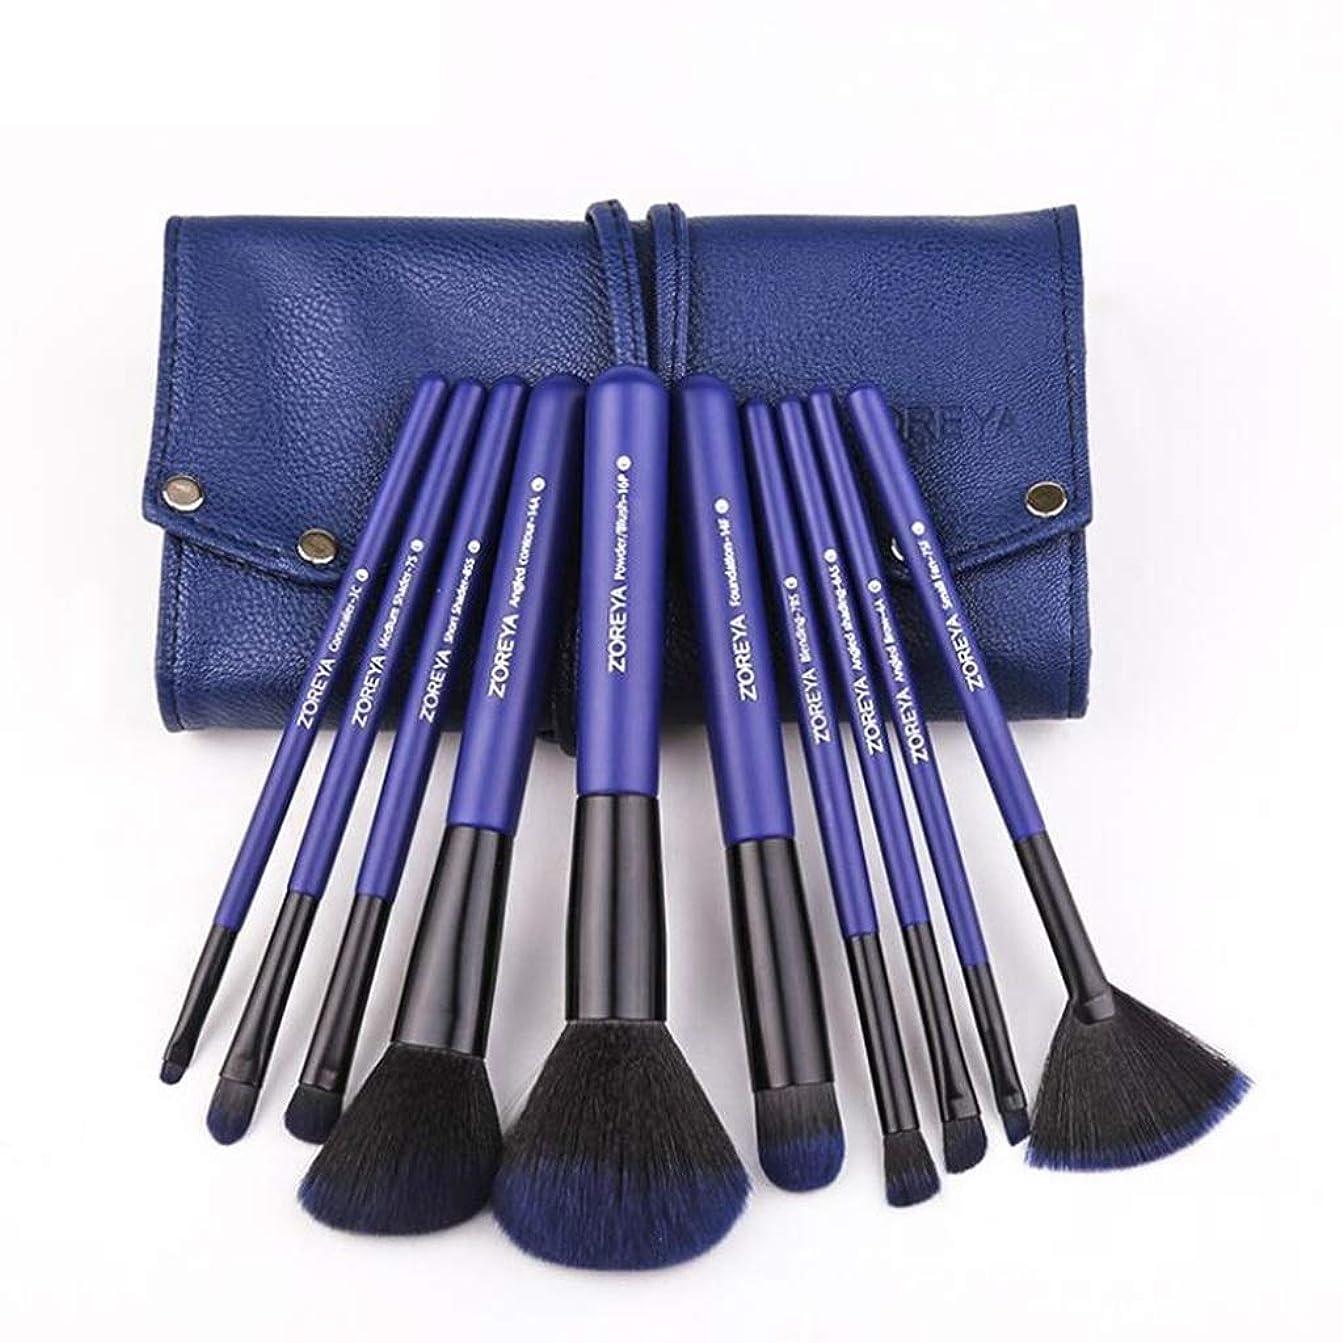 どきどき再生的縫い目紫色の化粧ブラシ、ファンデーション赤面アイシャドウソフトブラシ10ピースキット化粧道具